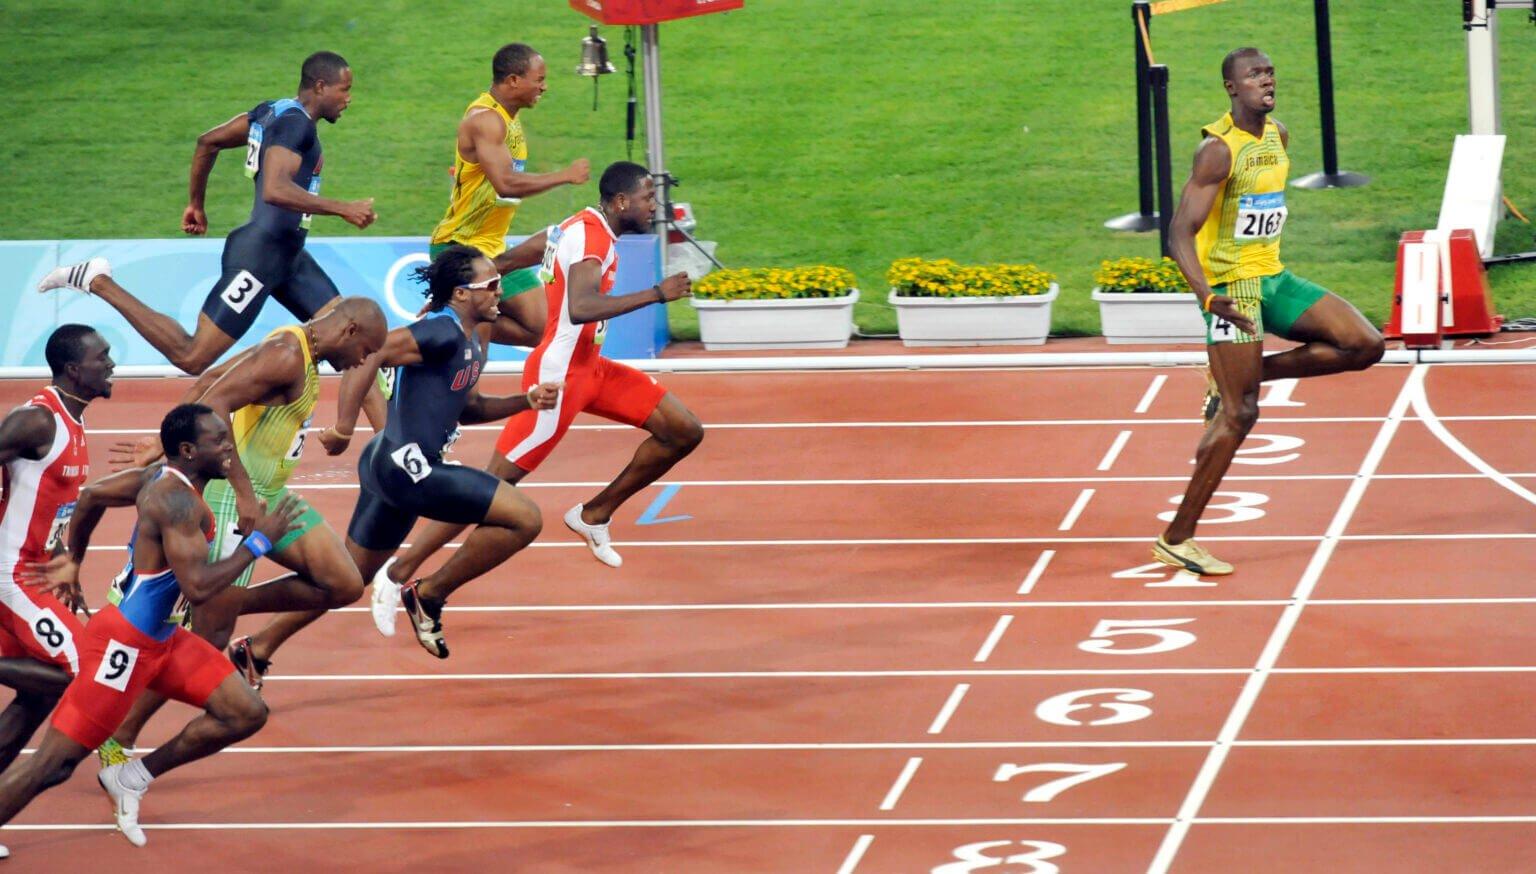 VĐV huyền thoại Usain Bolt vô đối trên các đường chạy nước rút nên anh rất tự ái khi bị chê chạy kém cầu thủ